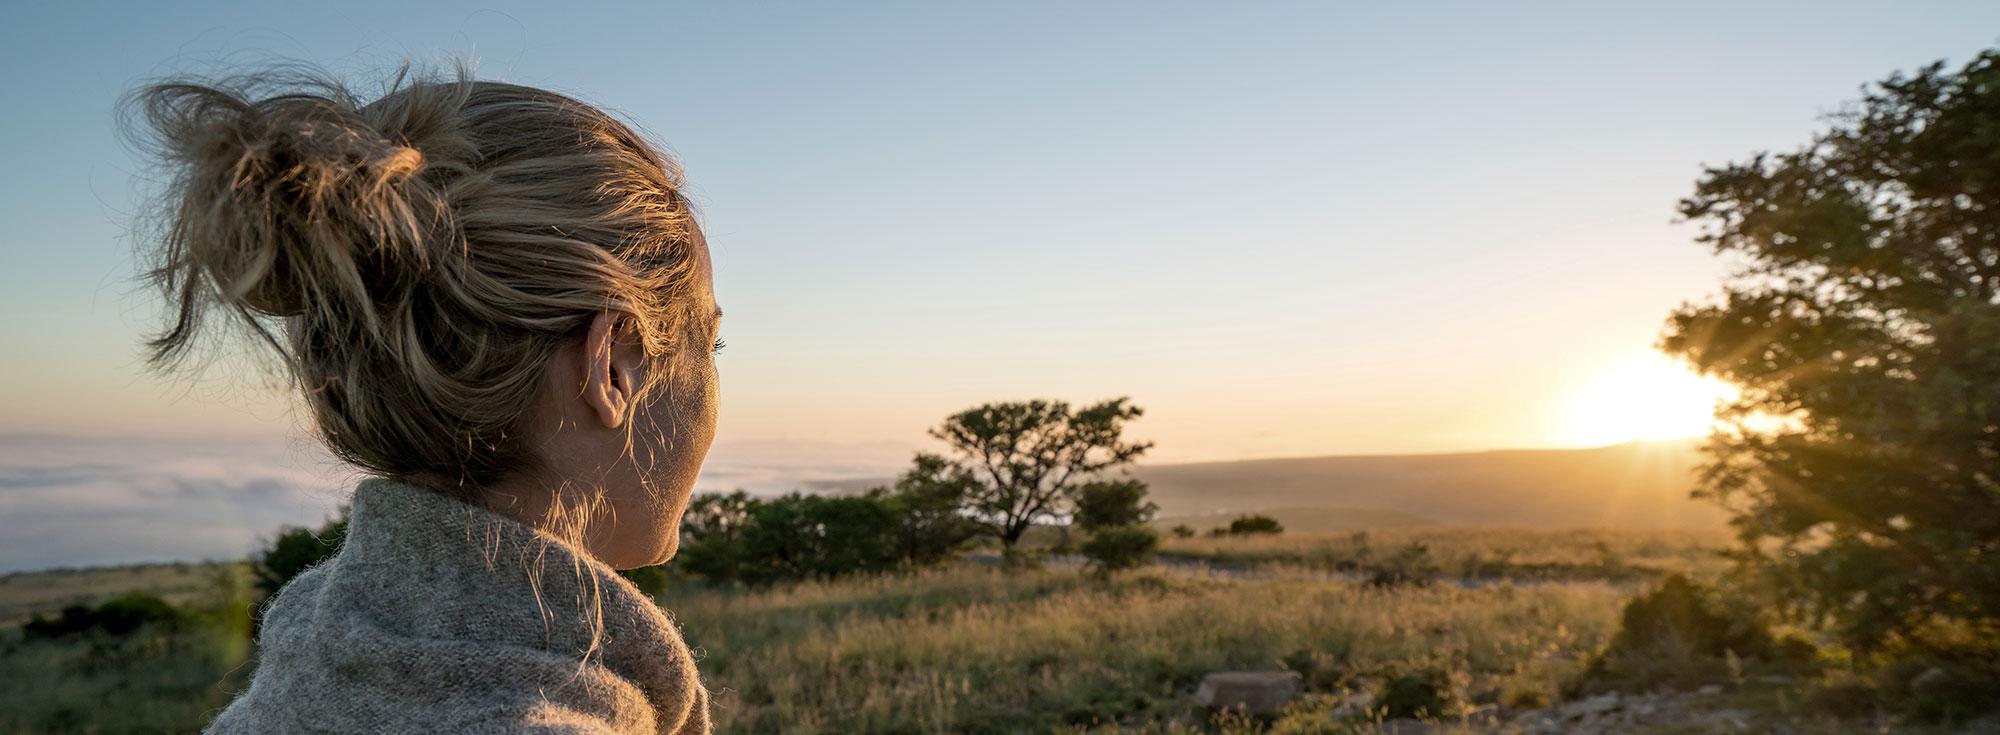 femme devant paysage nature